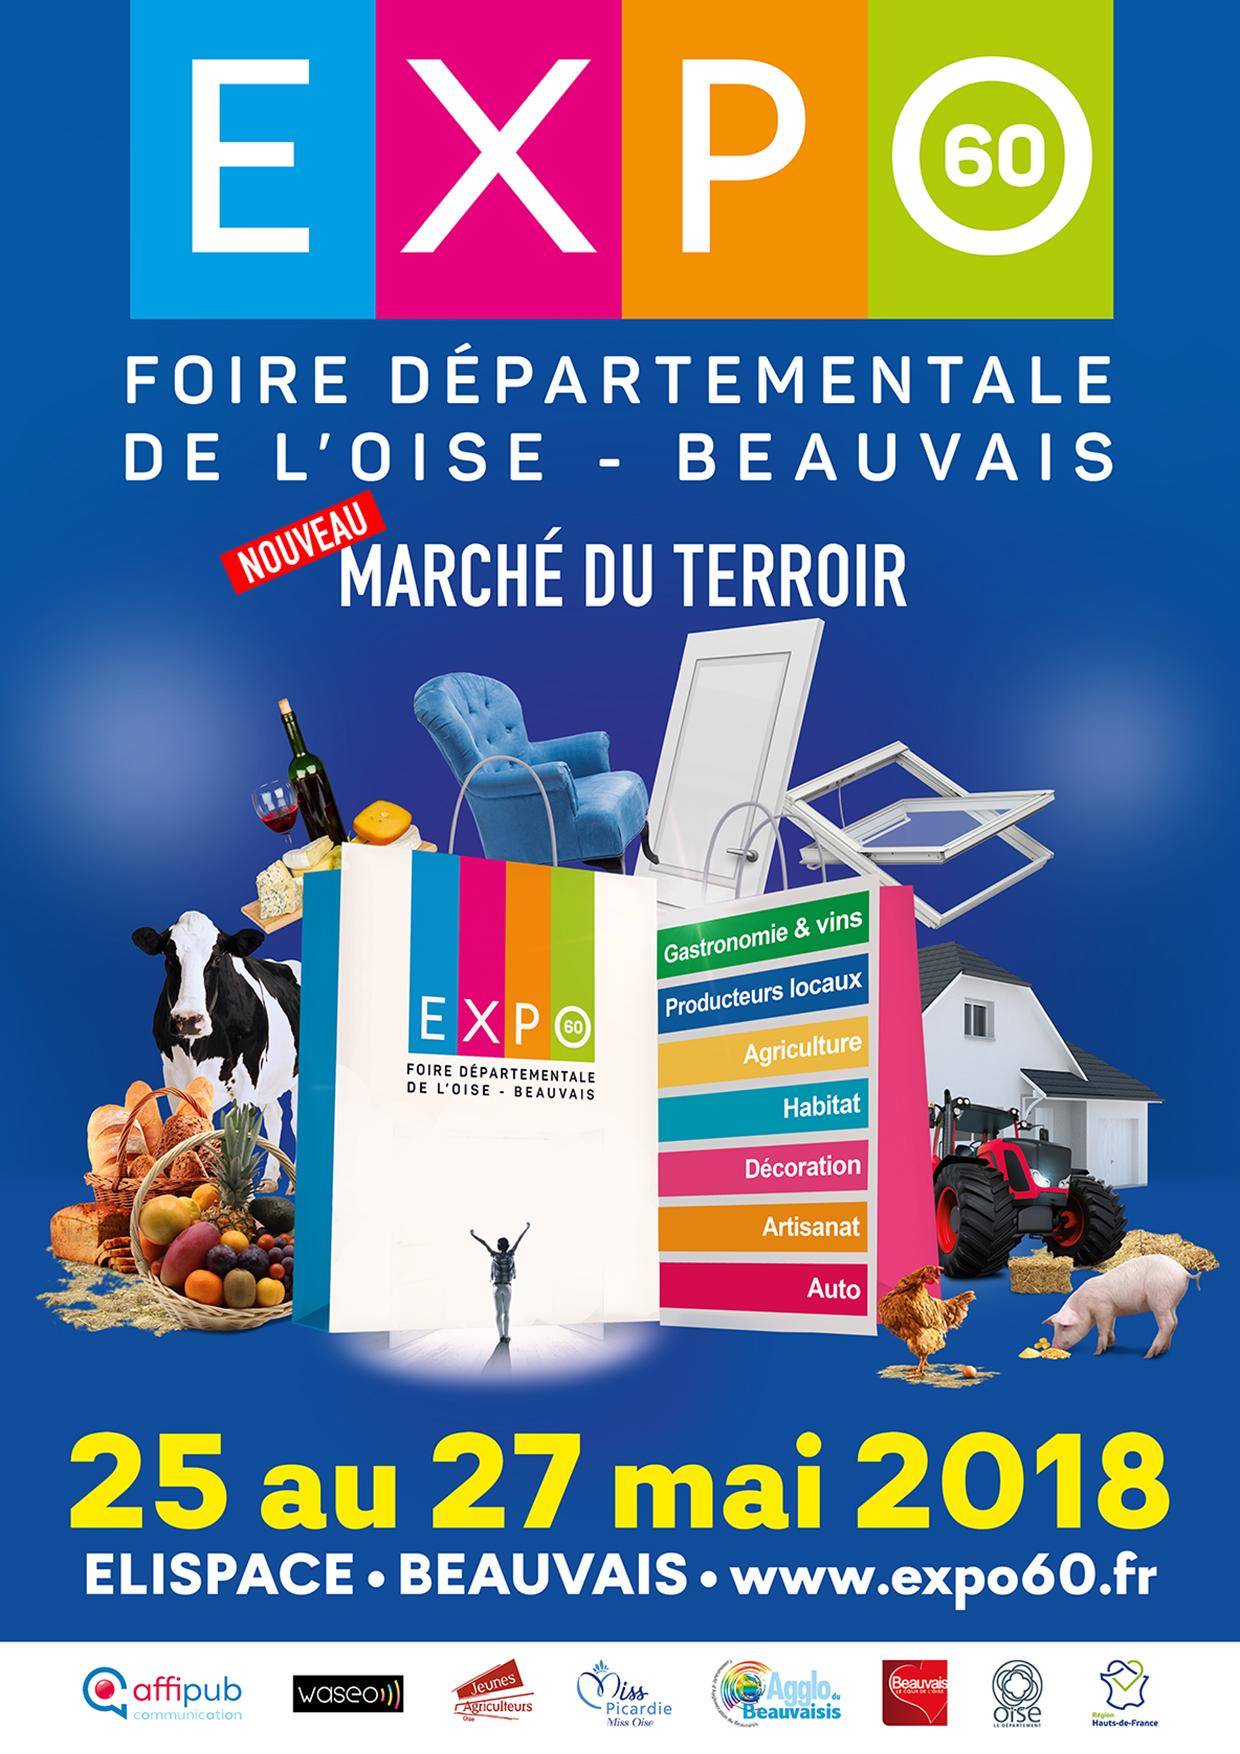 Expo60 foire exposition oise affipub communication et for Amiens foire expo